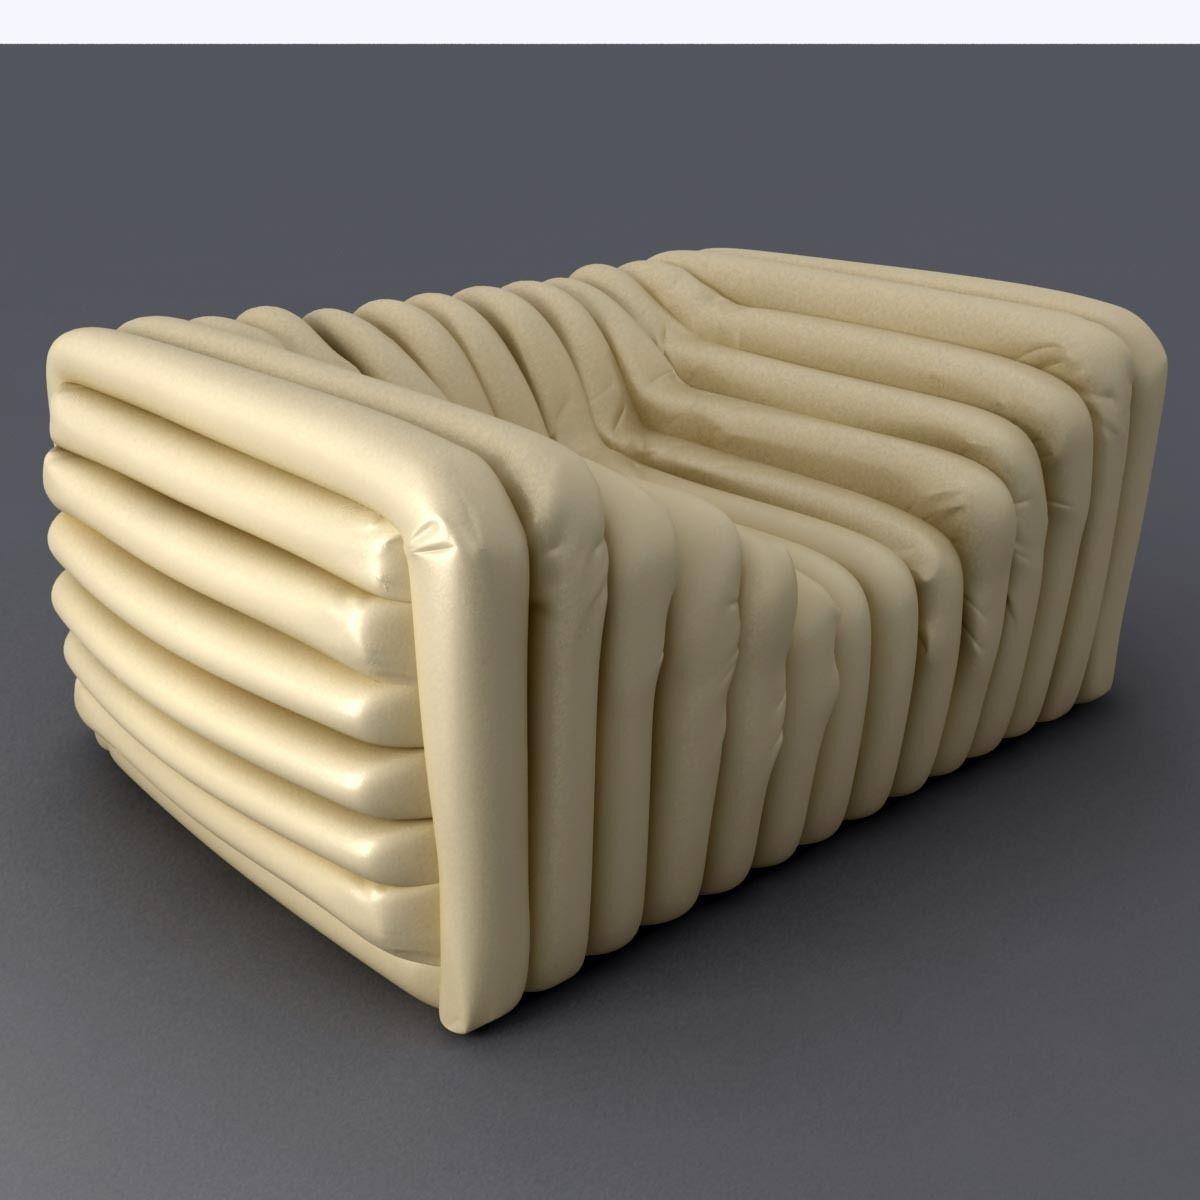 versace bubble sofa 3d model max obj 3ds fbx mtl 3